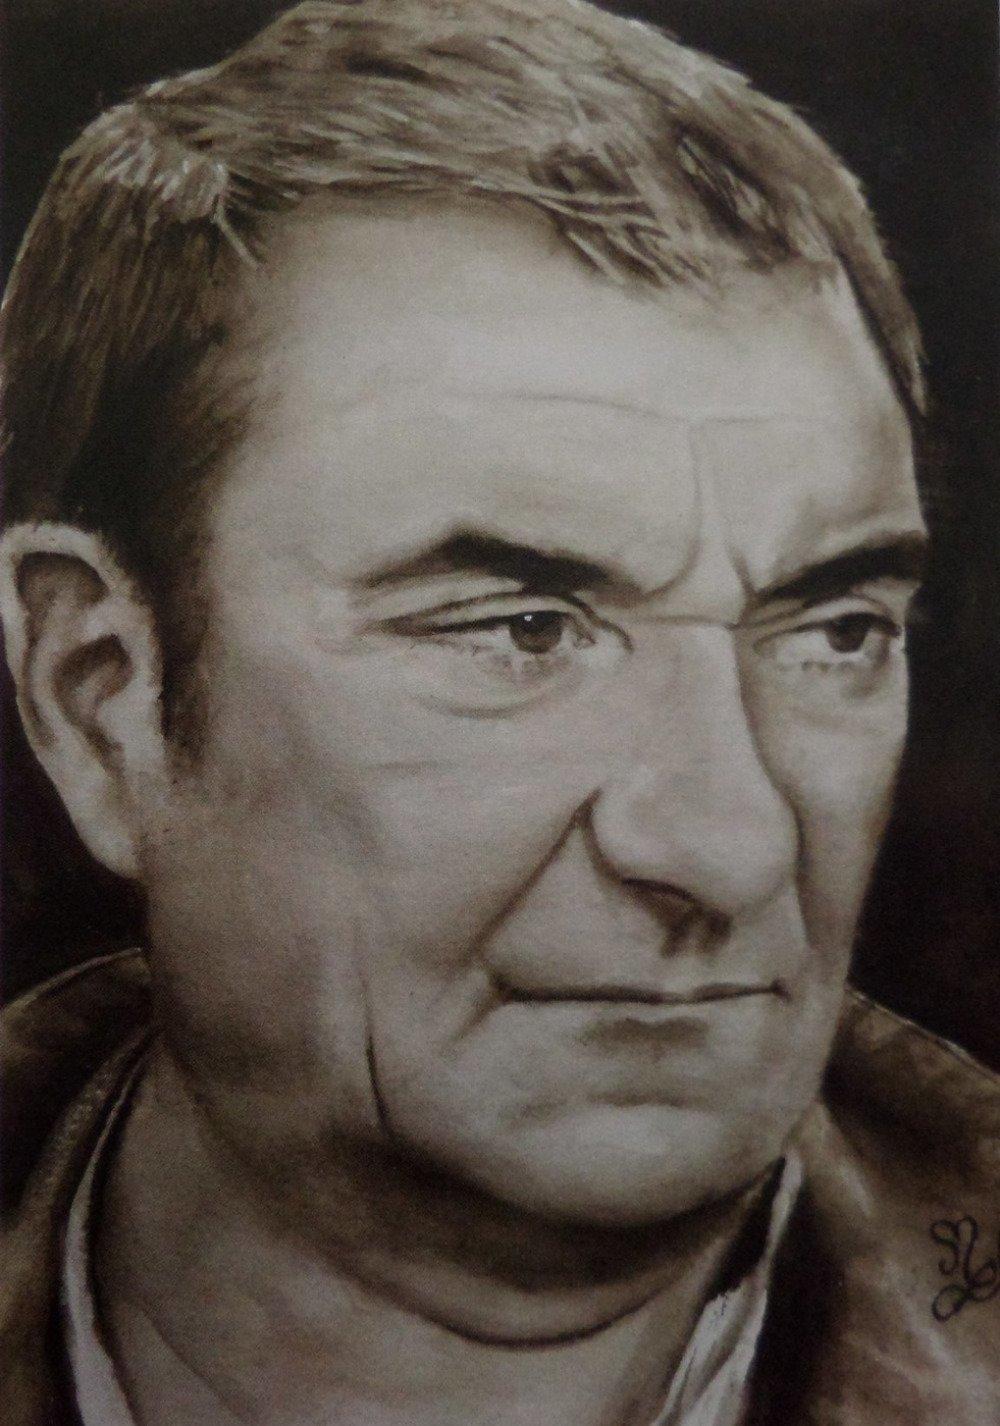 Reproduction de mon portrait de Jean Carmet peinture aquarelle sépia